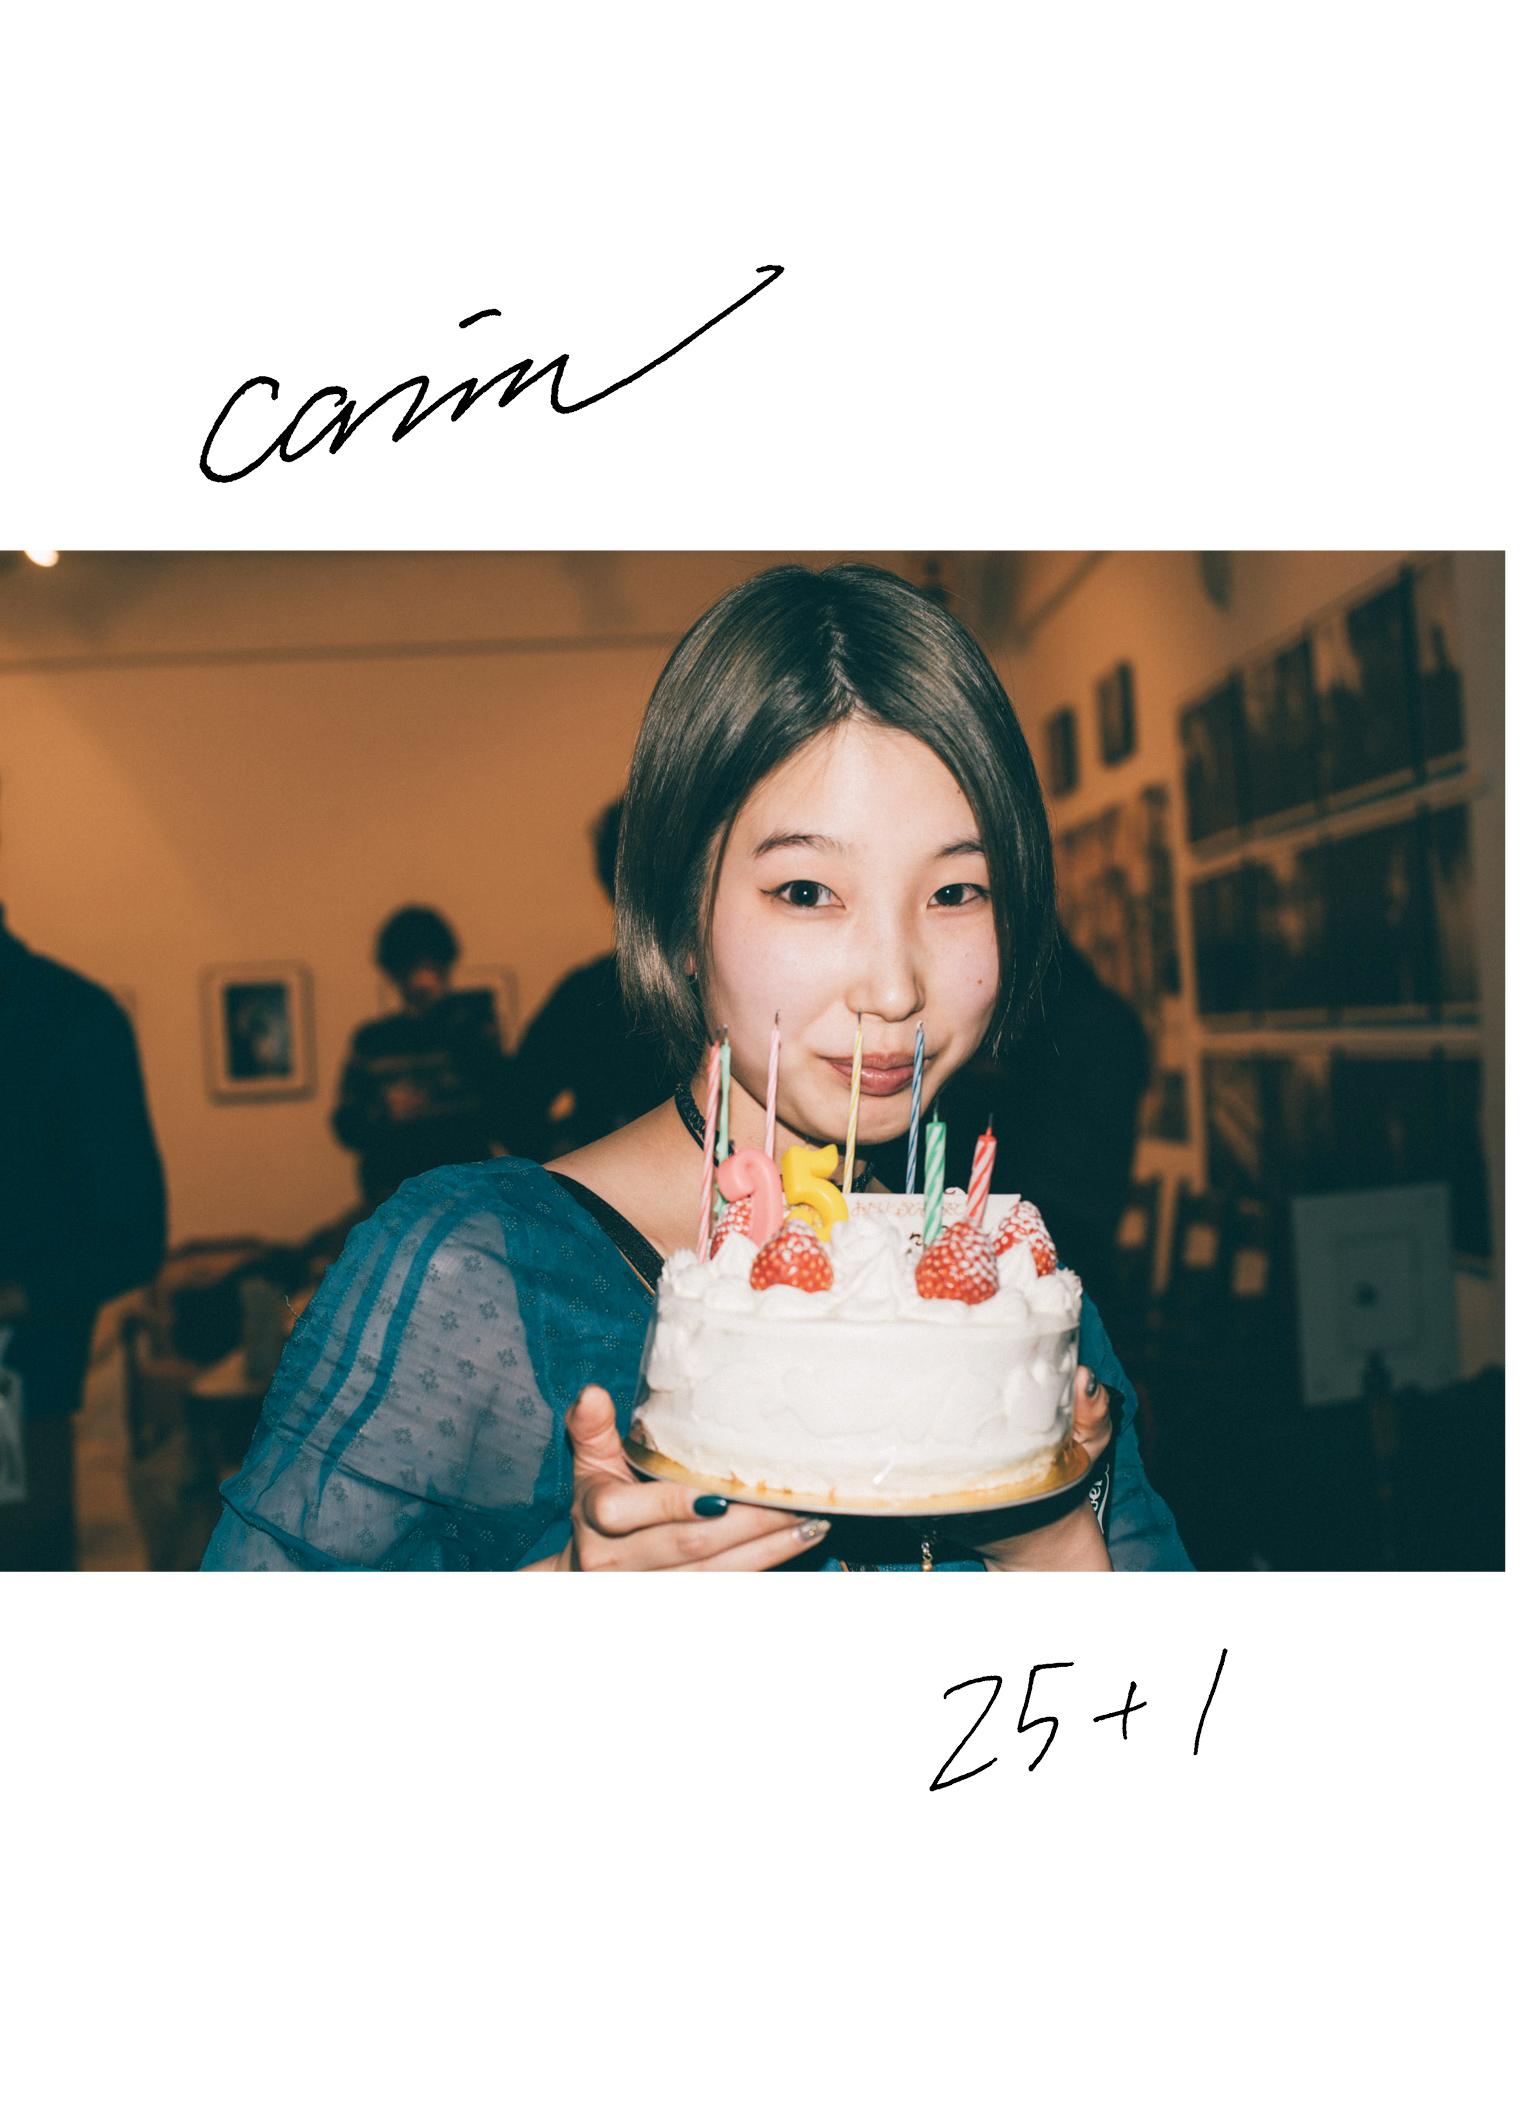 carin25+1